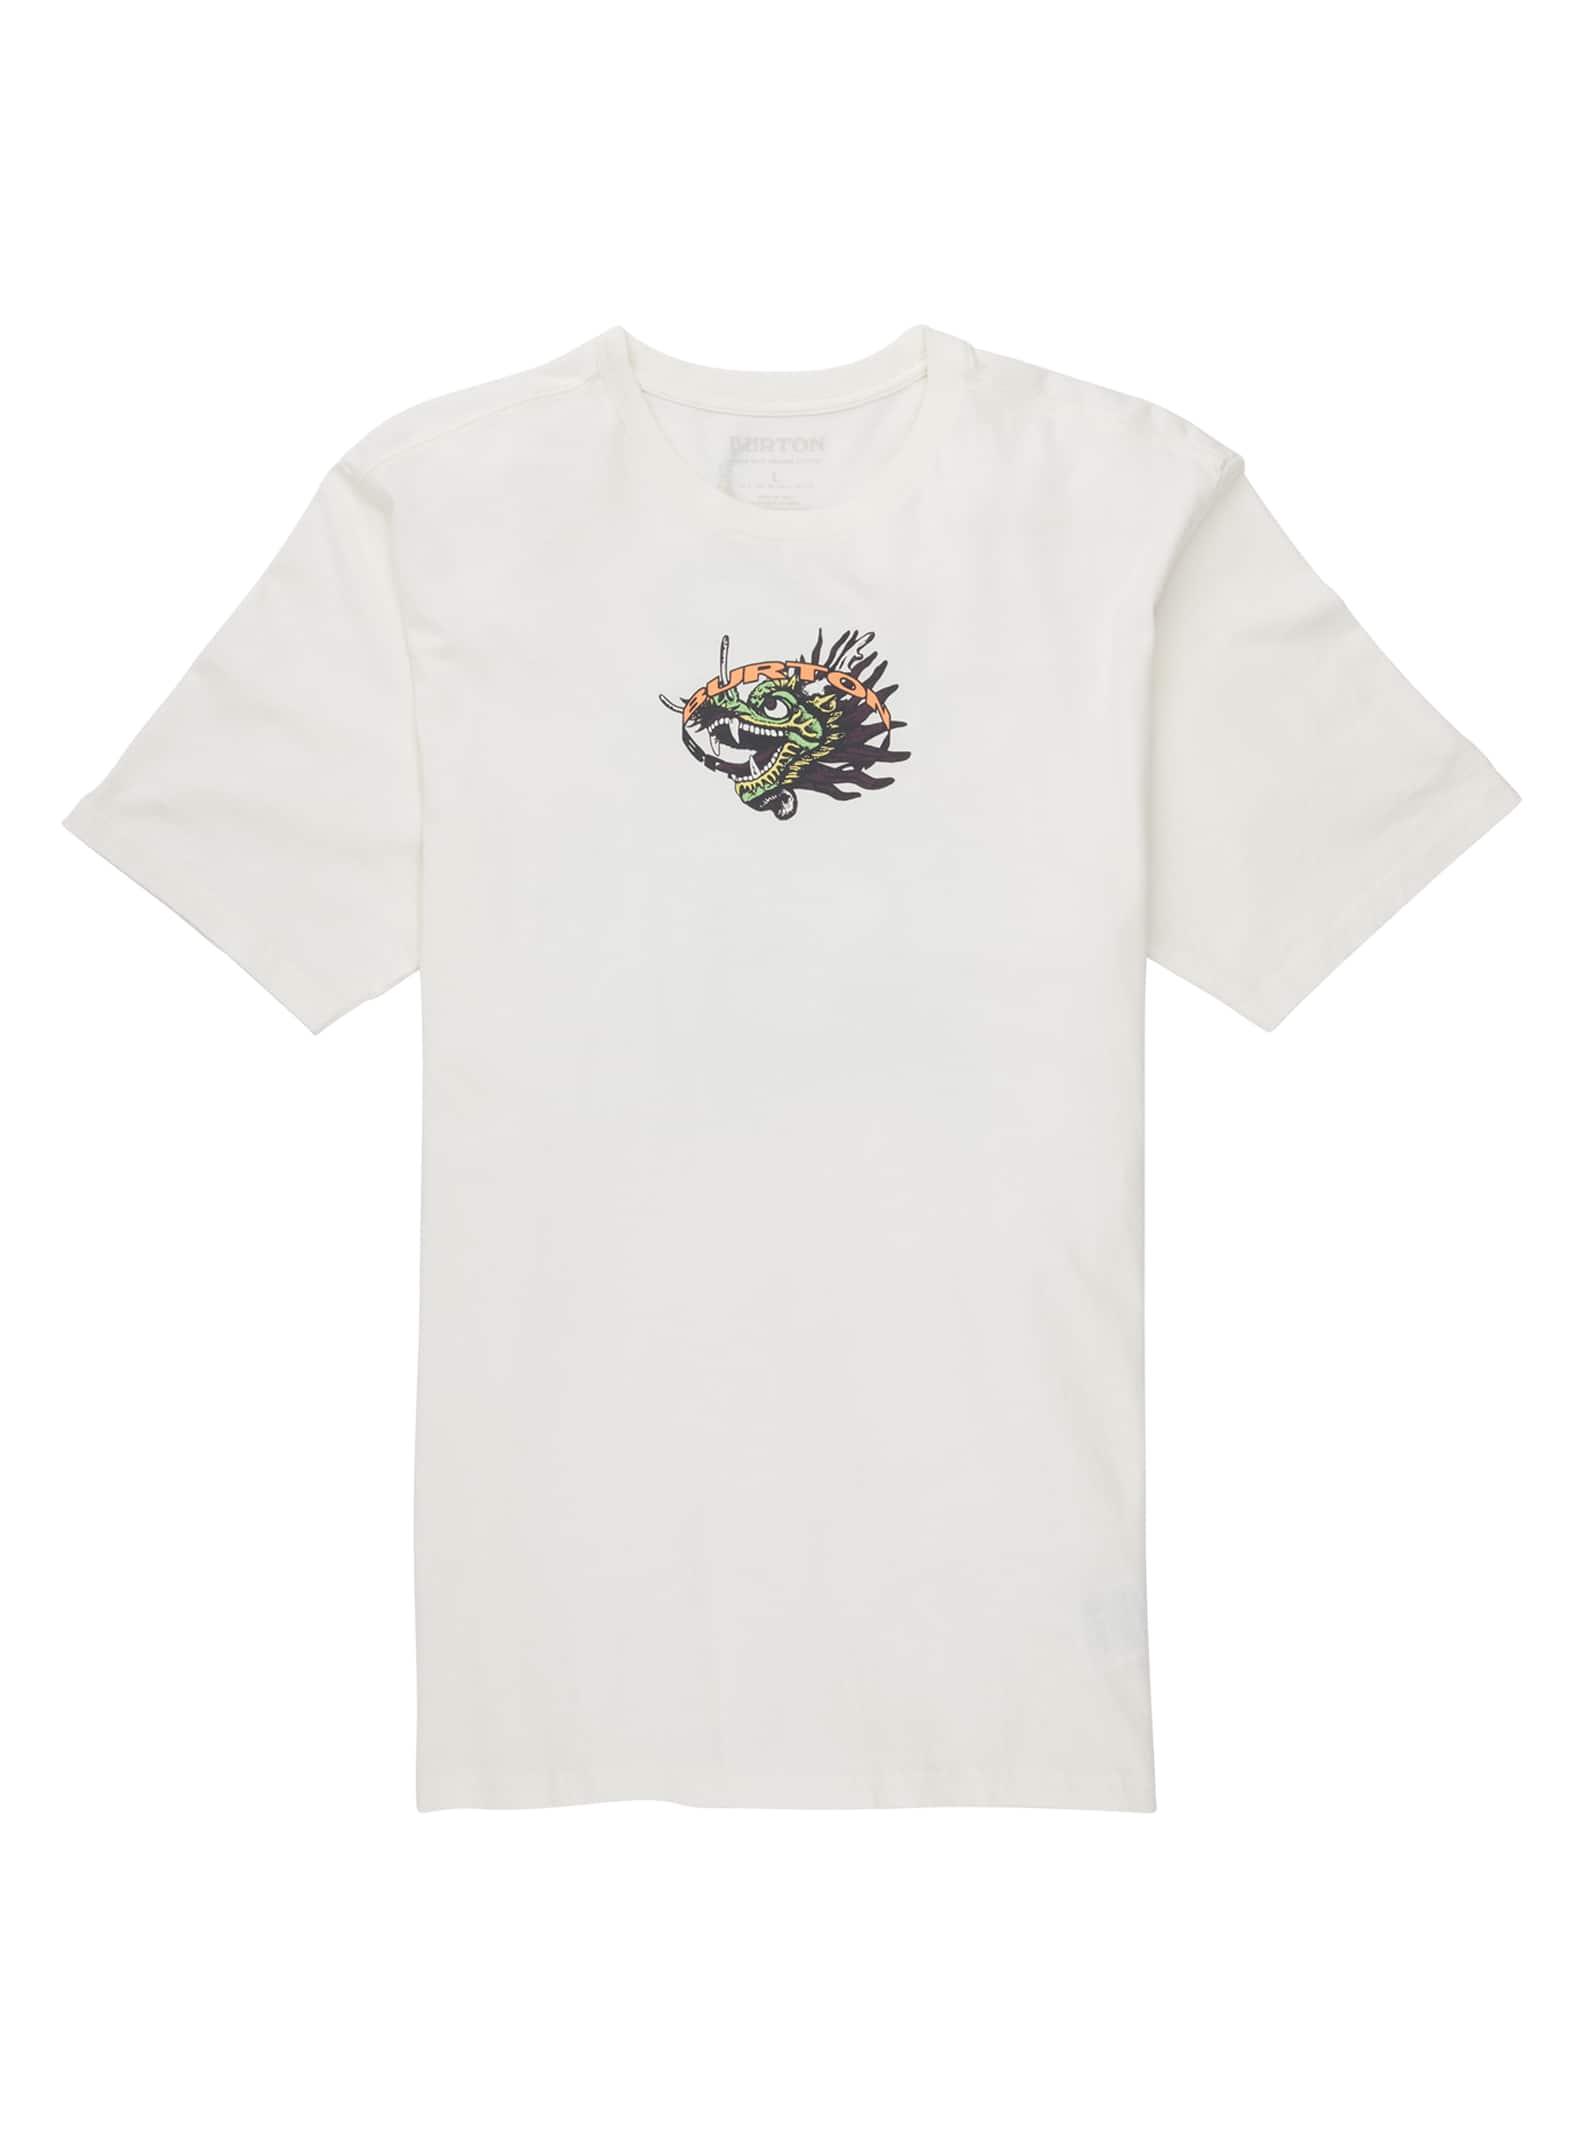 Burton Garnet kortärmad t-shirt för herrar, S